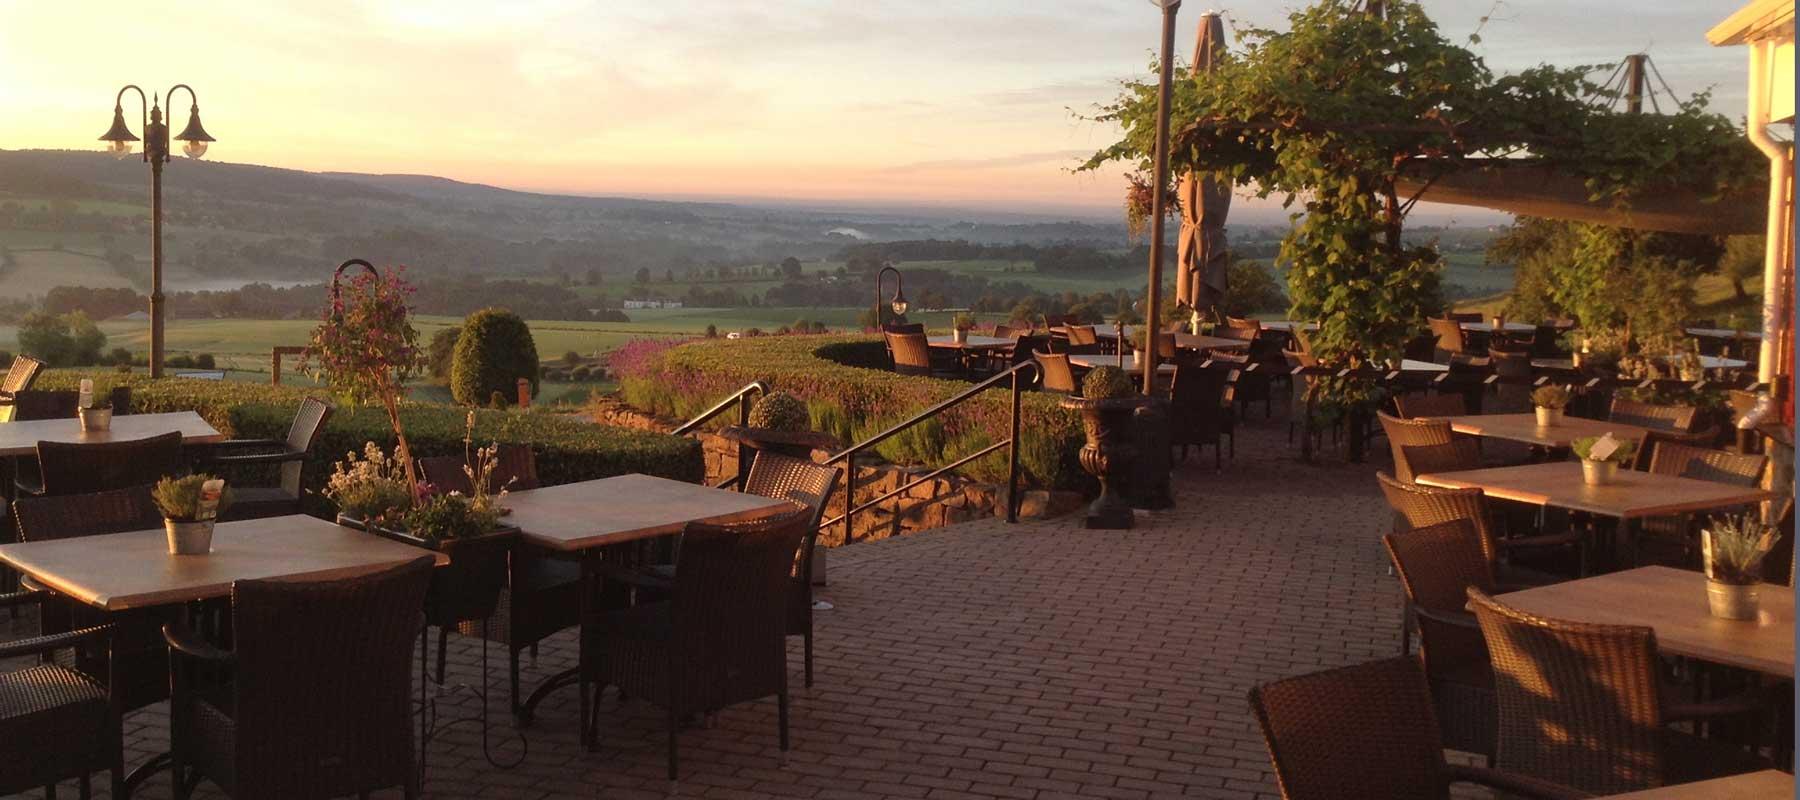 Restaurant gerardushoeve epen heuvelland zuid limburg limburg natuur puur for Wat lemmet terras betekent